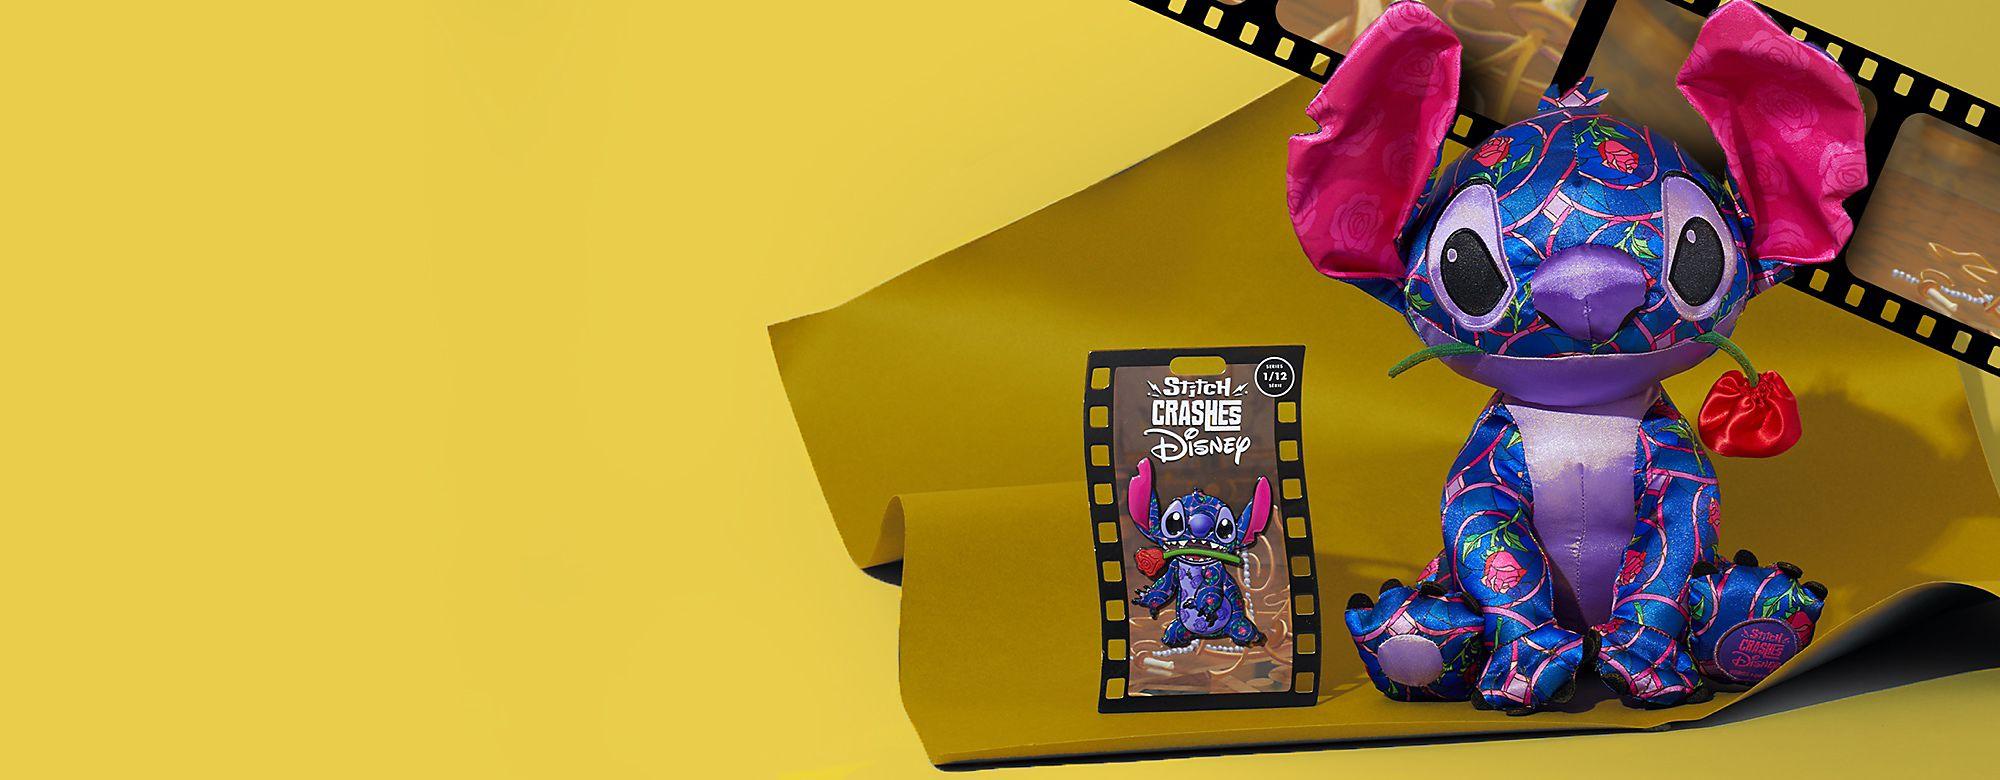 Si salvi chi può! Stitch è il nostro ospite (imprevisto)! Stitch fa la sua comparsa nel Classico Disney La Bella e La Bestia per la prima uscita della serie in edizione limitata di 12 pin e peluche. ACQUISTA ORA